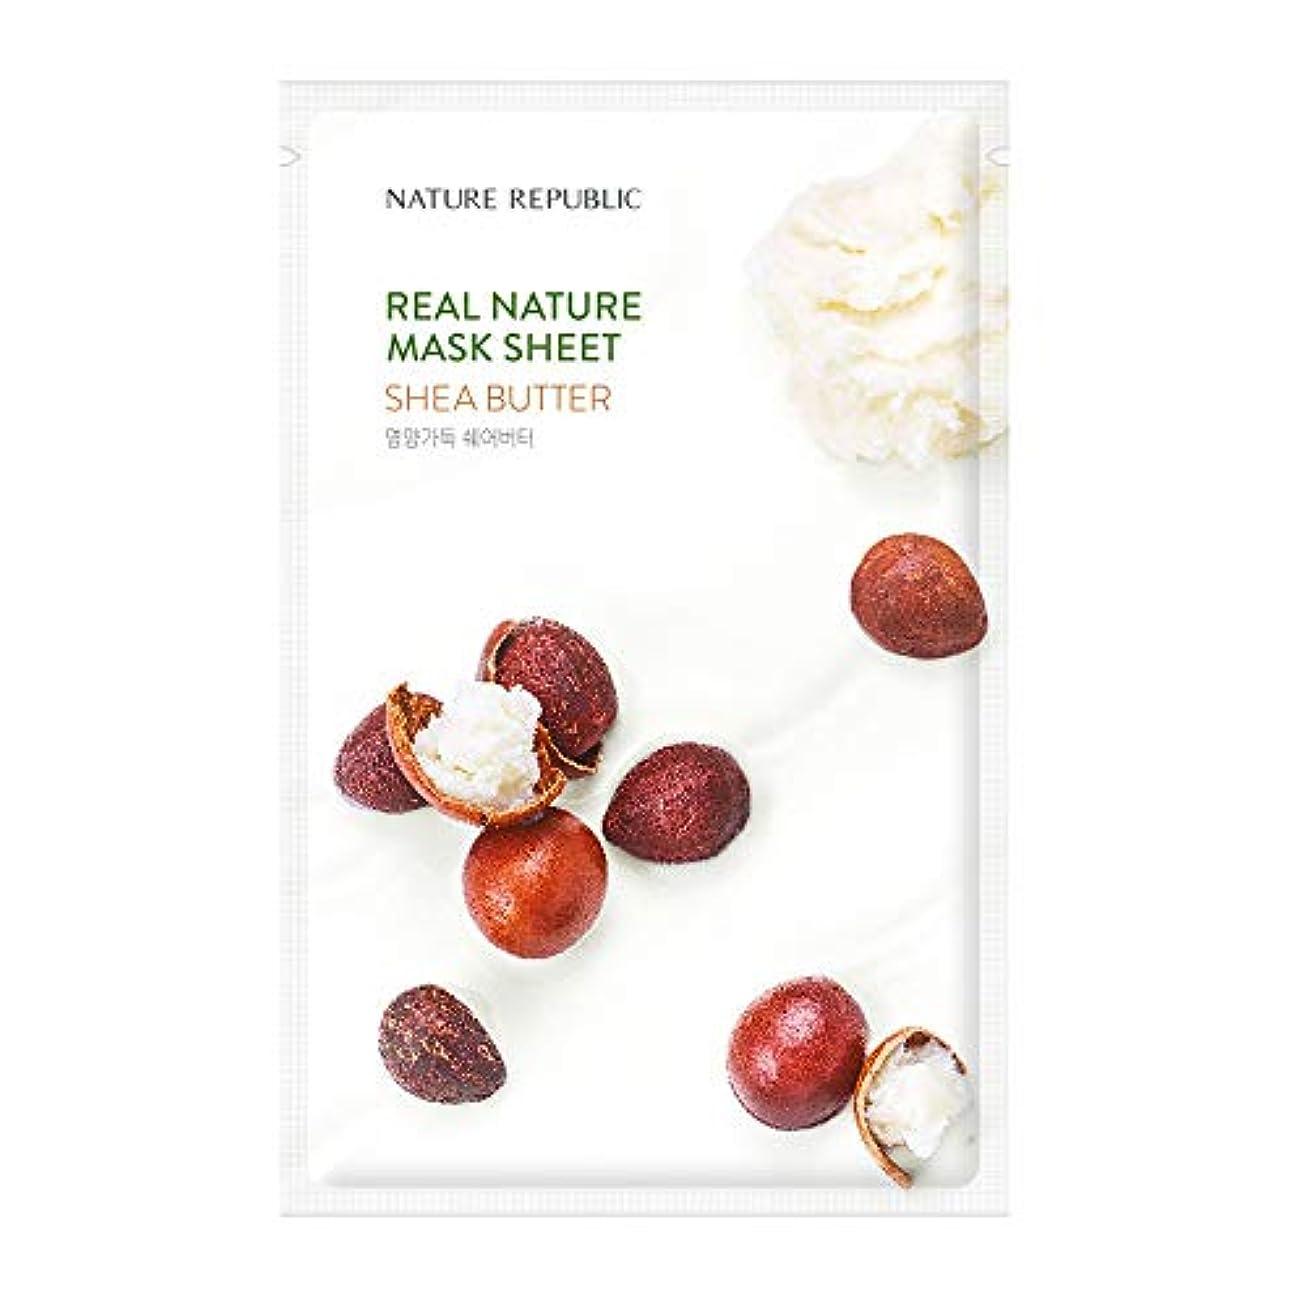 ラベンダー虐待ハリケーンNature Republic Real Nature Mask Sheet (10EA)リアルネイチャー マスクシート 10個 (Shea Butter_シアバター) [並行輸入品]